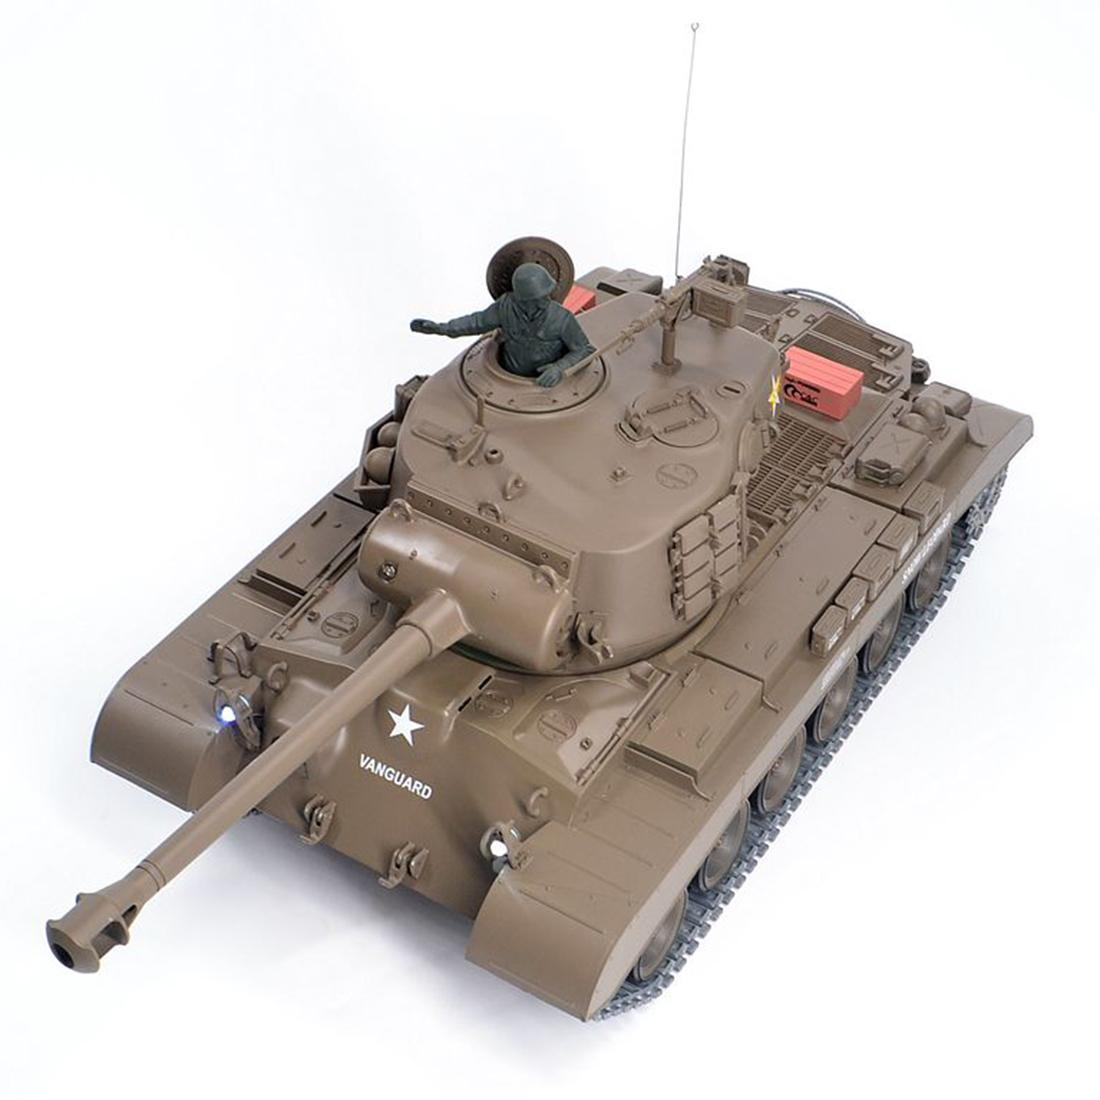 01:16 américain Pershing M26 lourd réservoir 2.4G à distance avec le modèle de contrôle du réservoir militaire Effet sonore Fumée Prise de vue de base / réaménagées